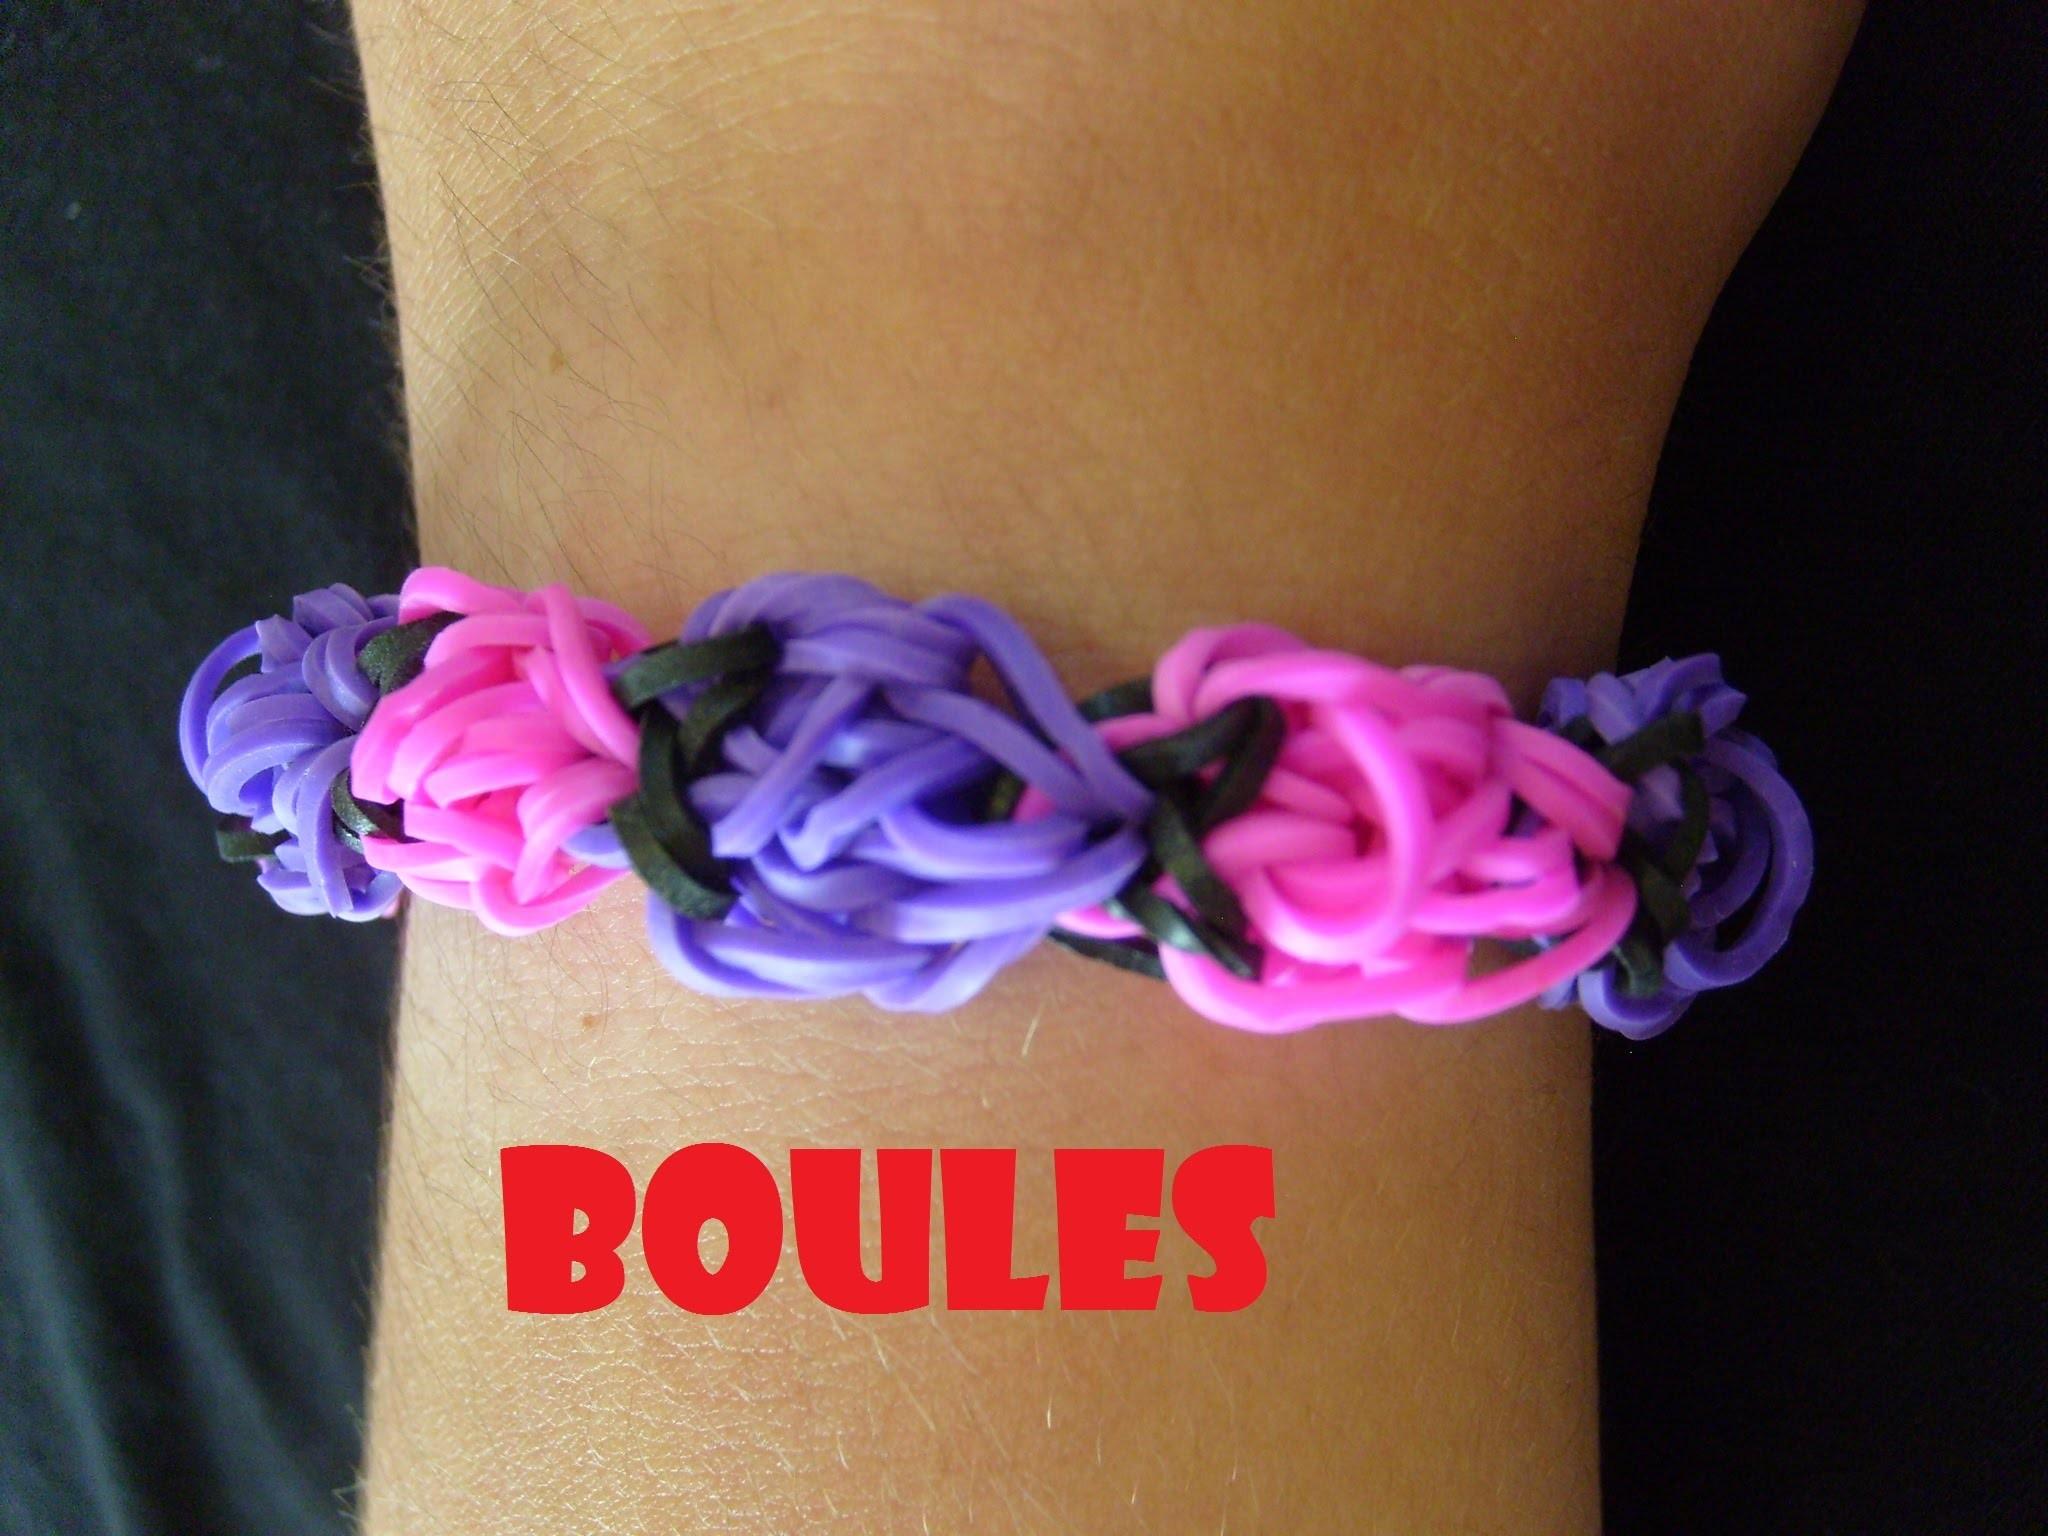 Rainbow loom bands Bracelet Boules en bracelet elastique (tuto francais)